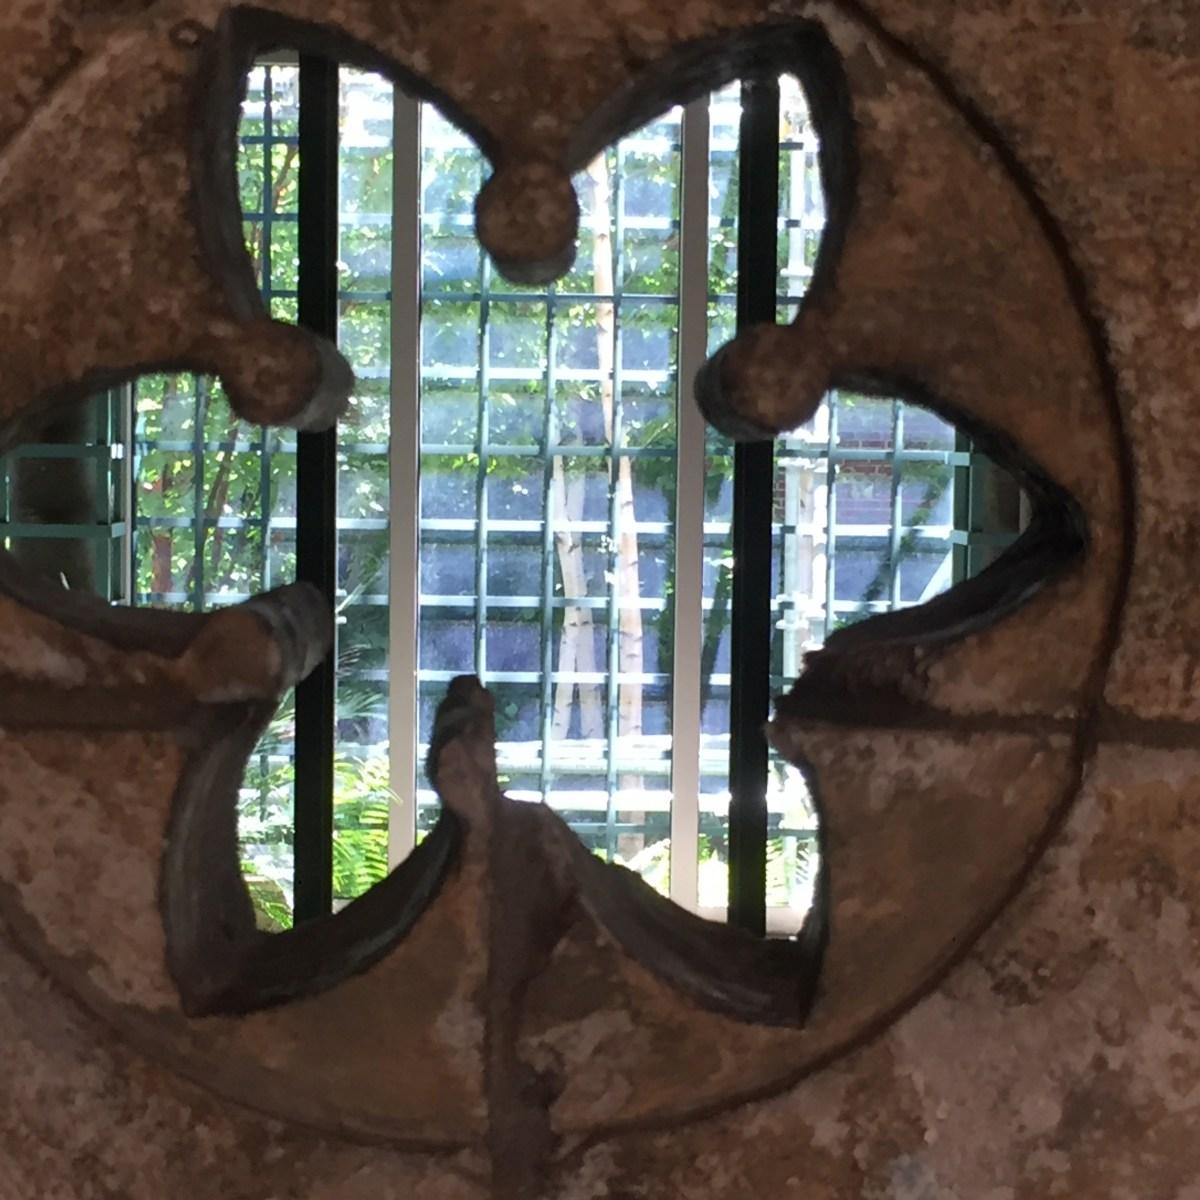 cloisters-detail-2-isabella-stewart-gardner